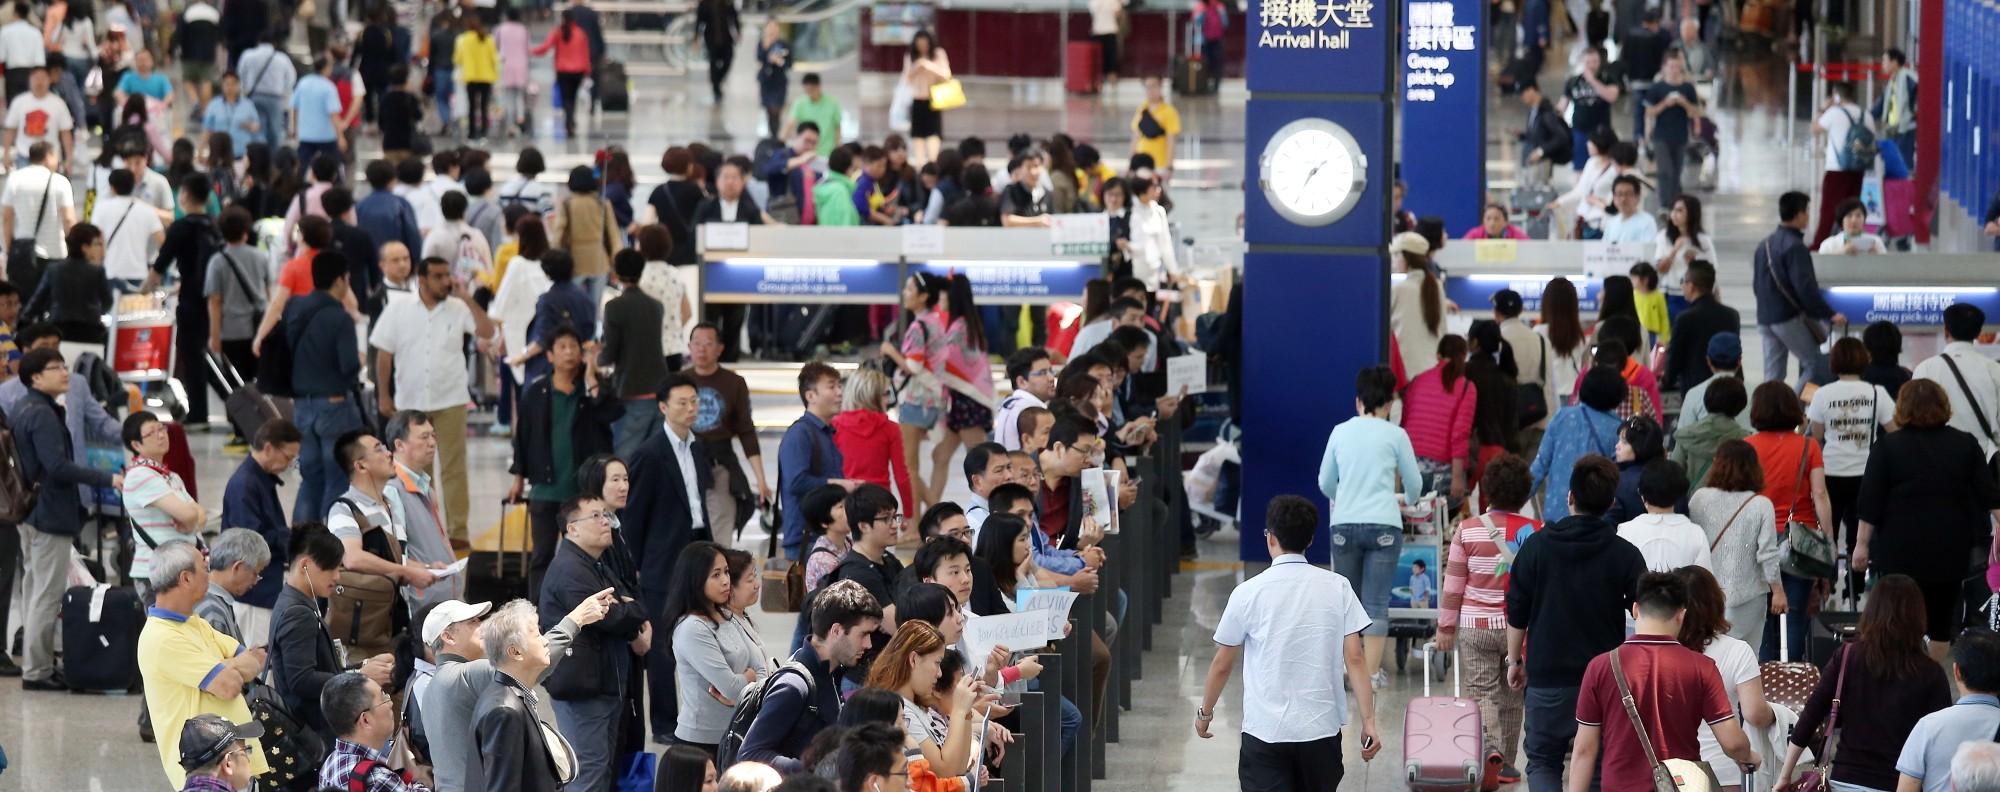 The arrival hall at Hong Kong International Airport.